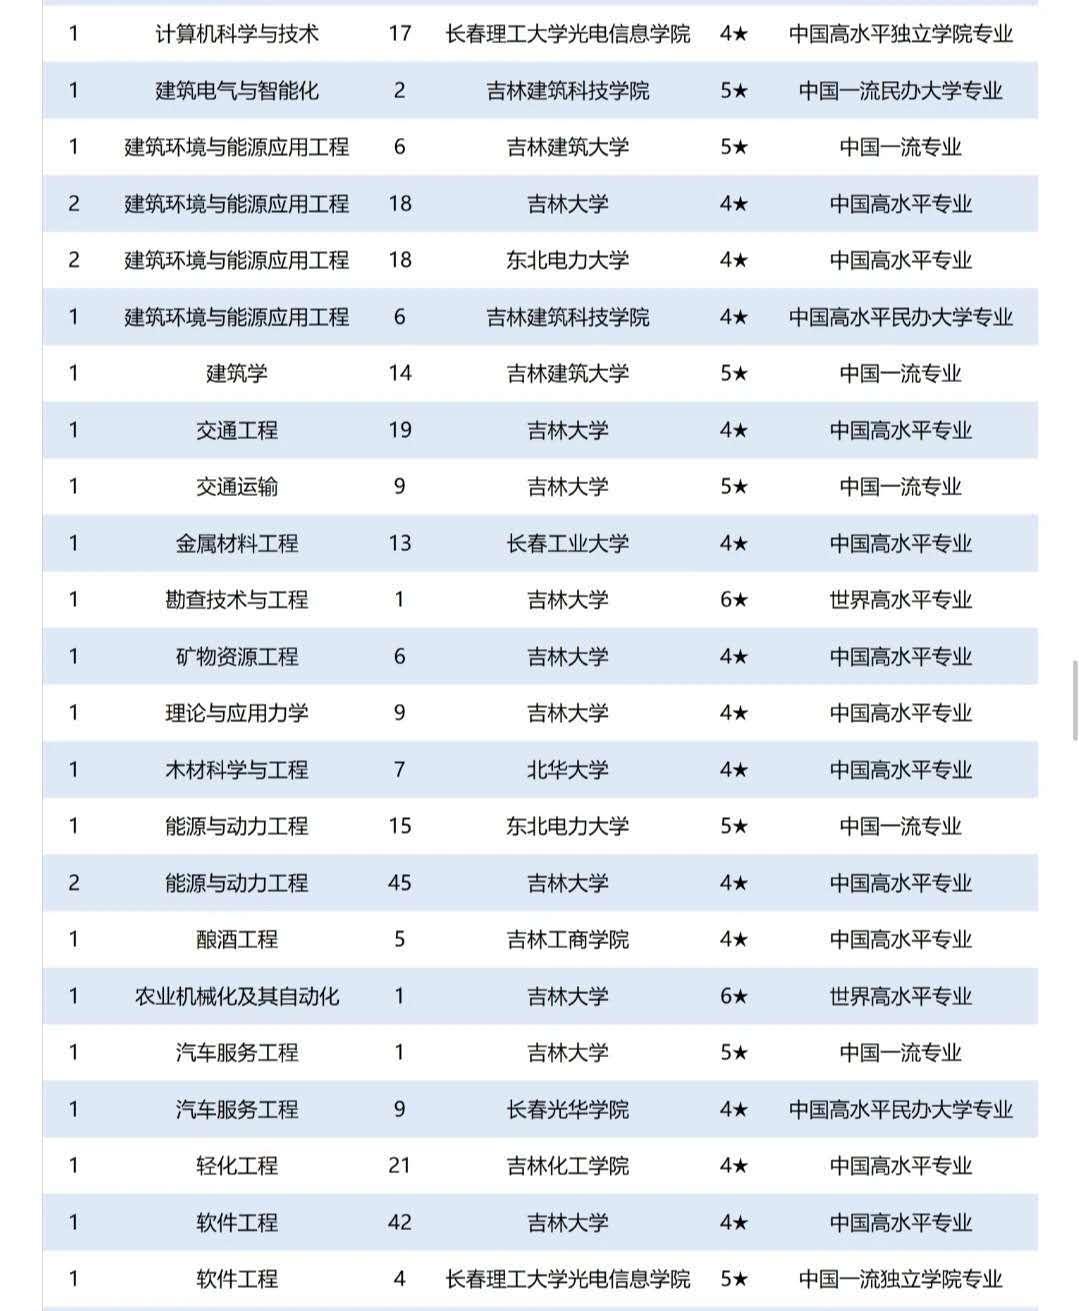 长春理工大学排名_长春理工大学